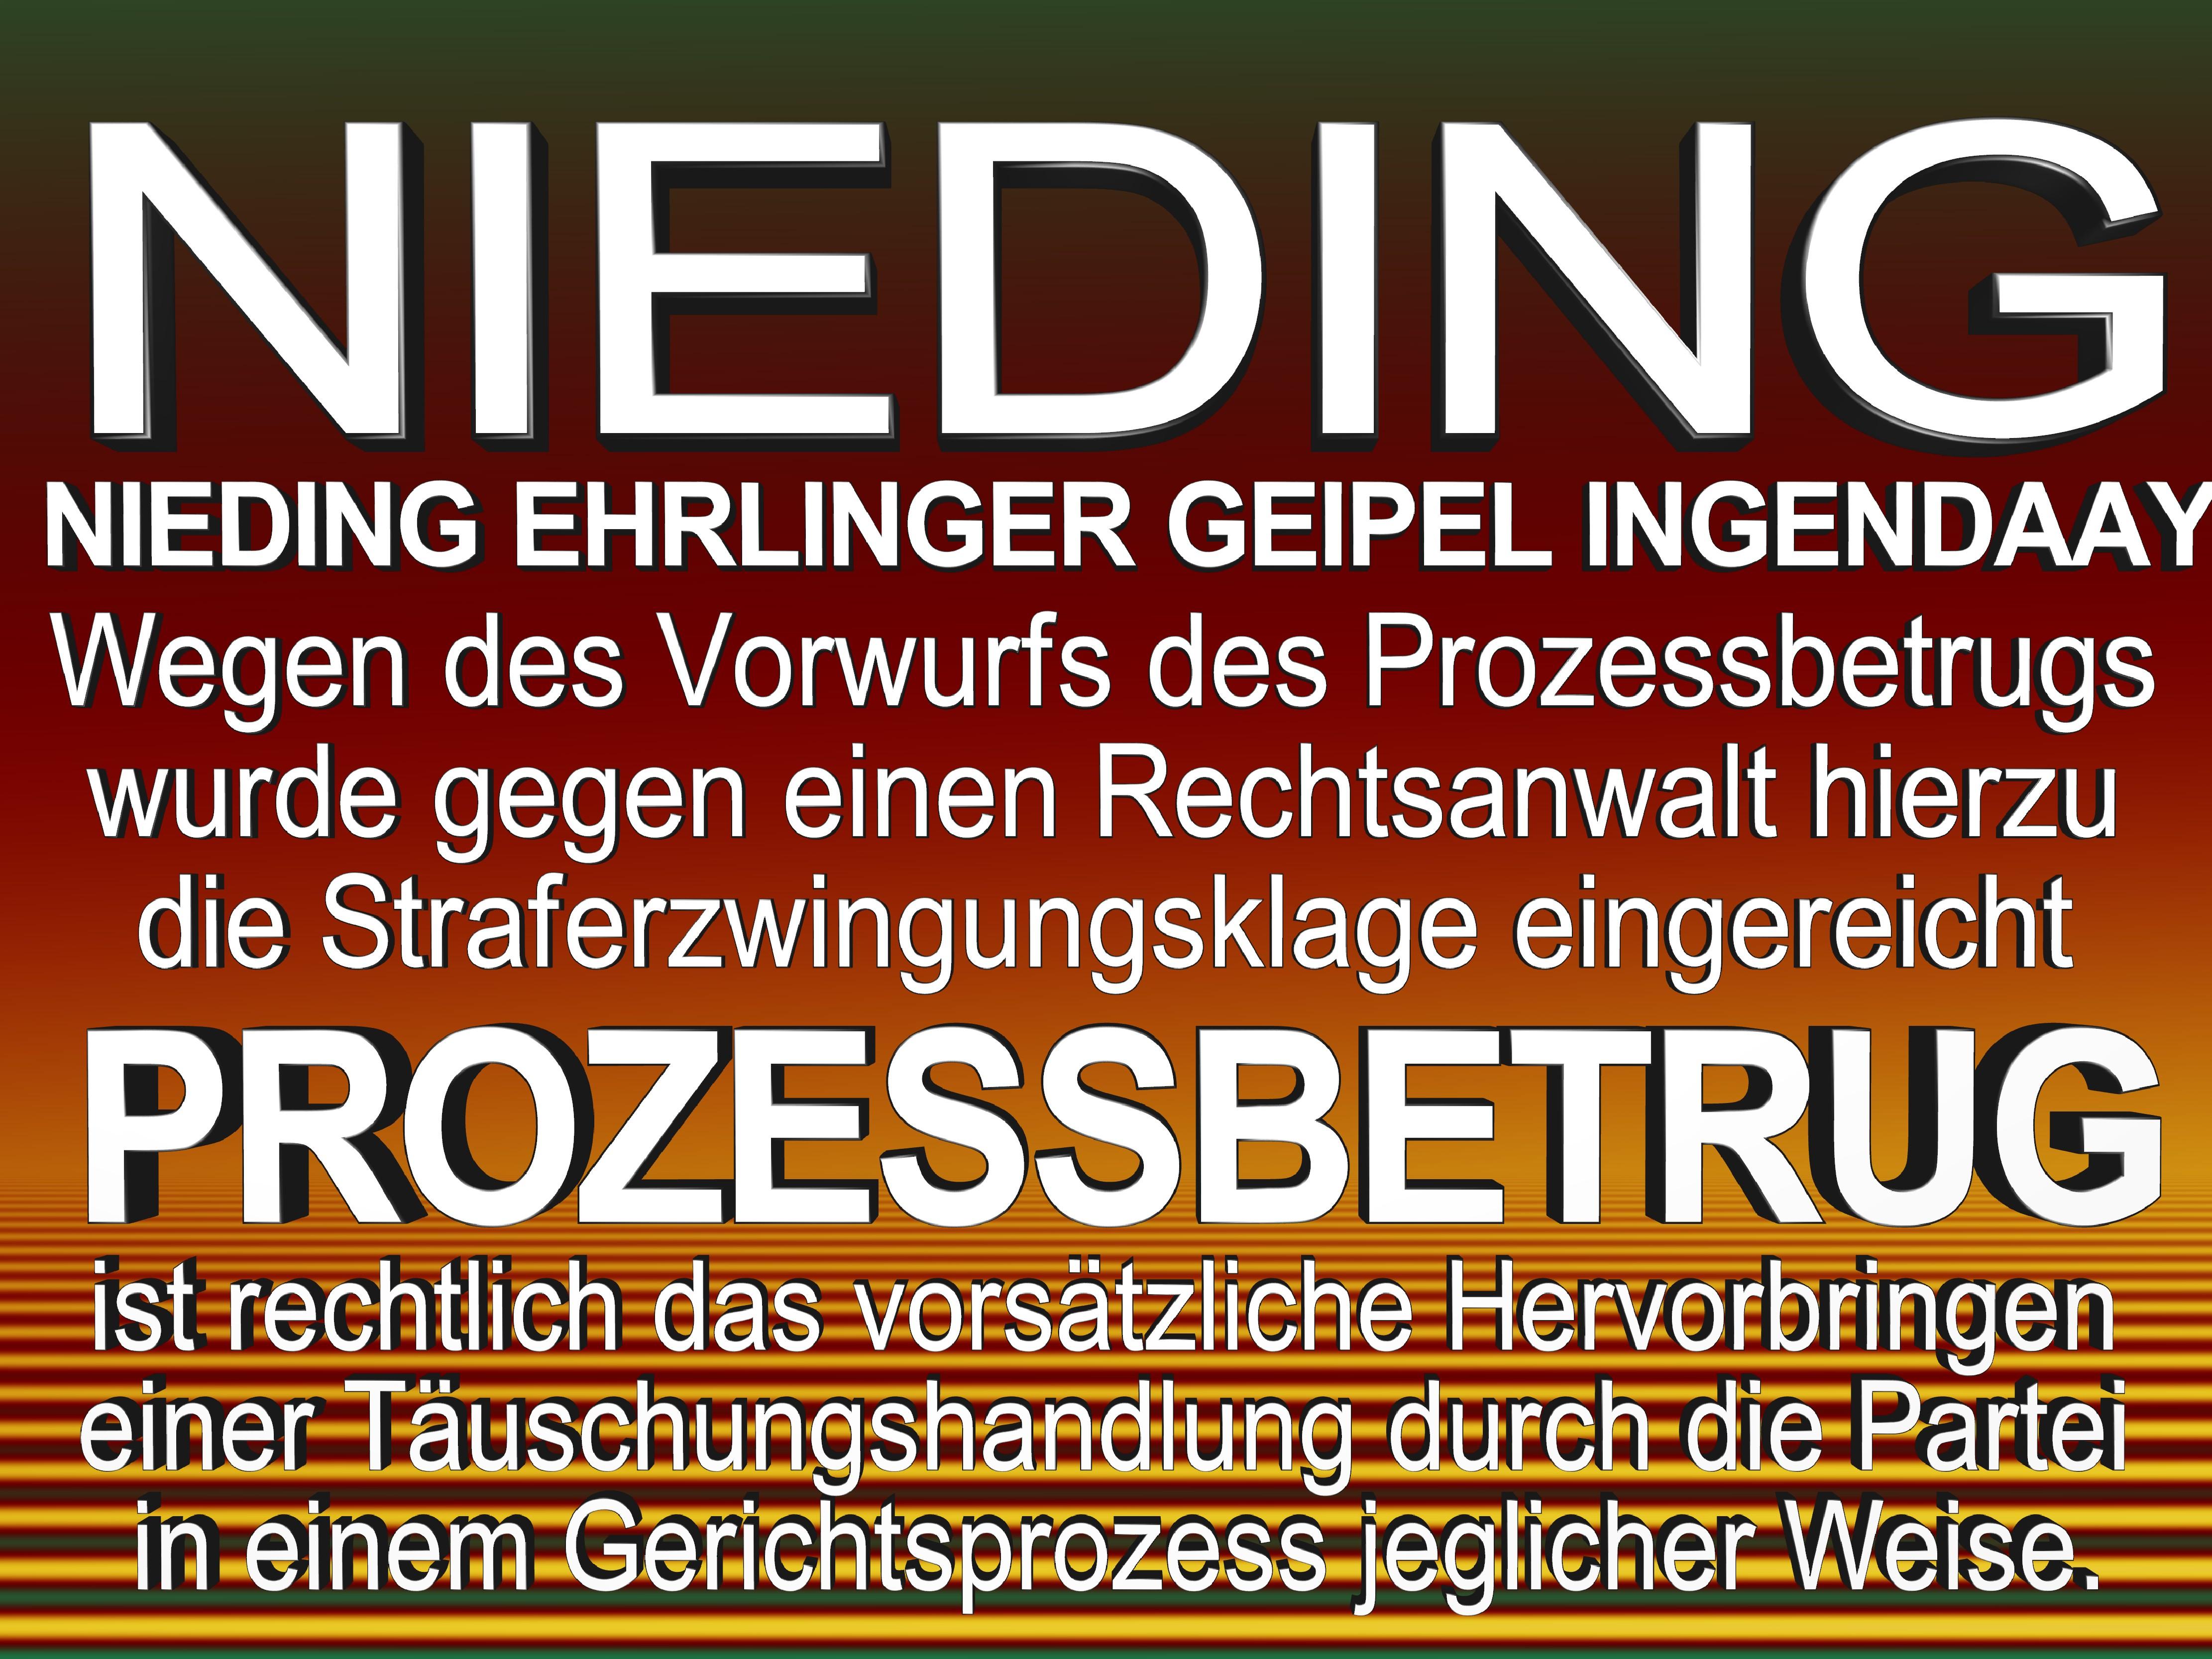 NIEDING EHRLINGER GEIPEL INGENDAAY LELKE Kurfürstendamm 66 Berlin (129)